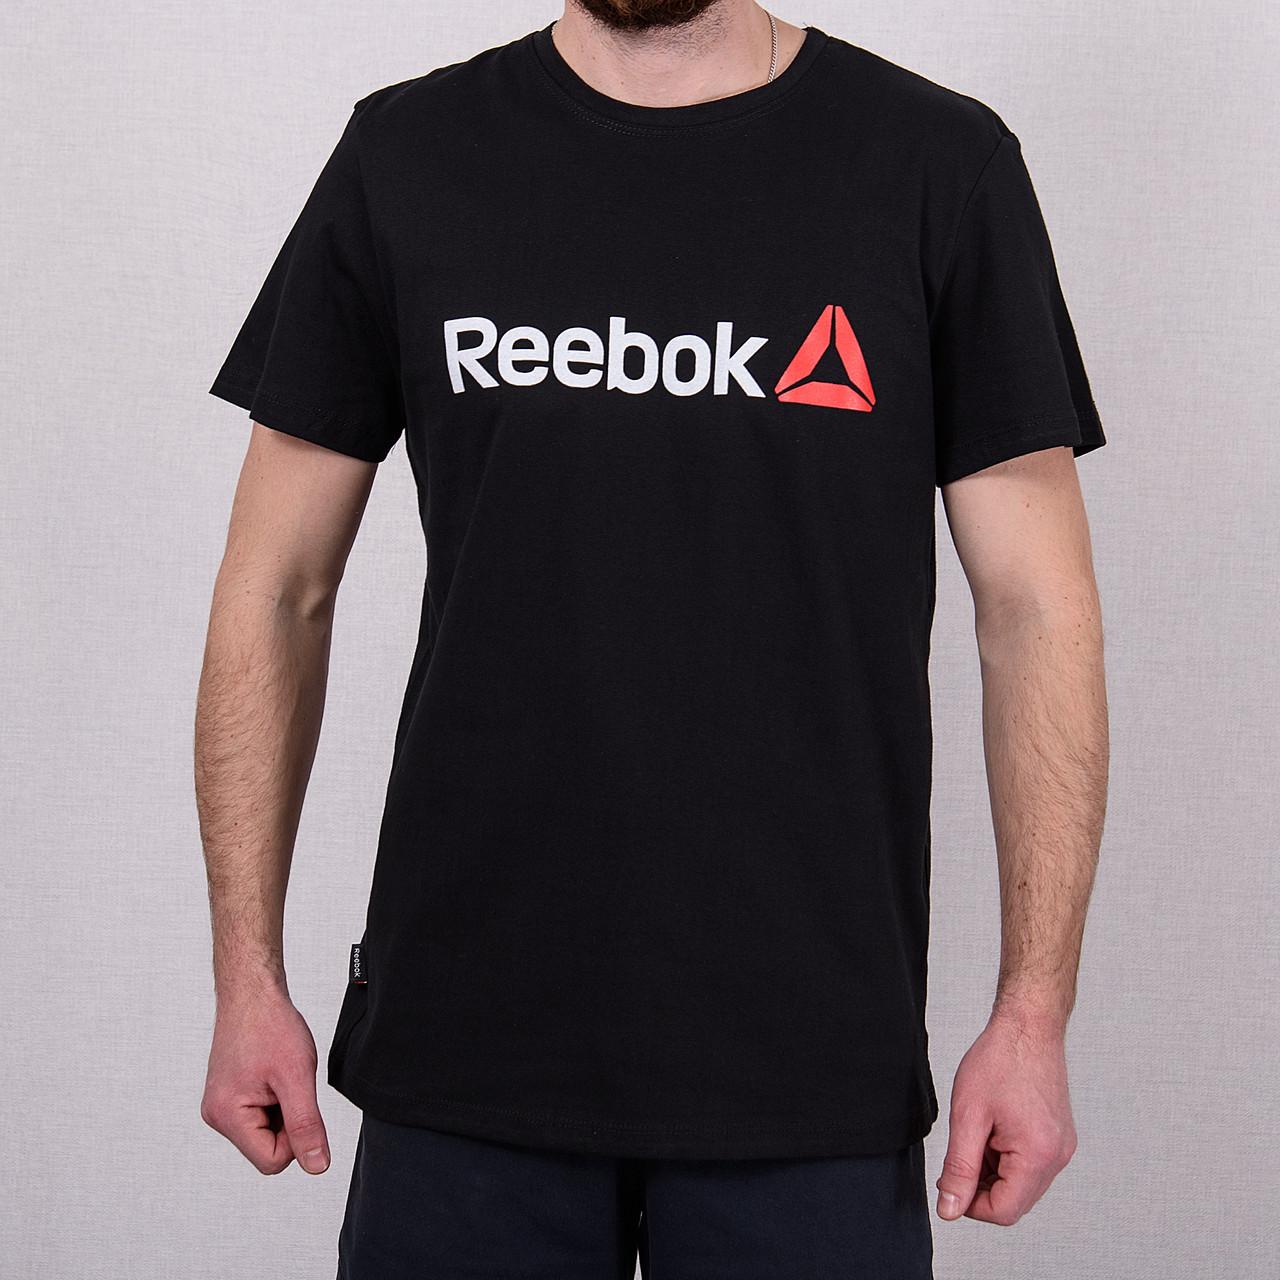 Чоловіча спортивна футболка Reebok, чорного кольору